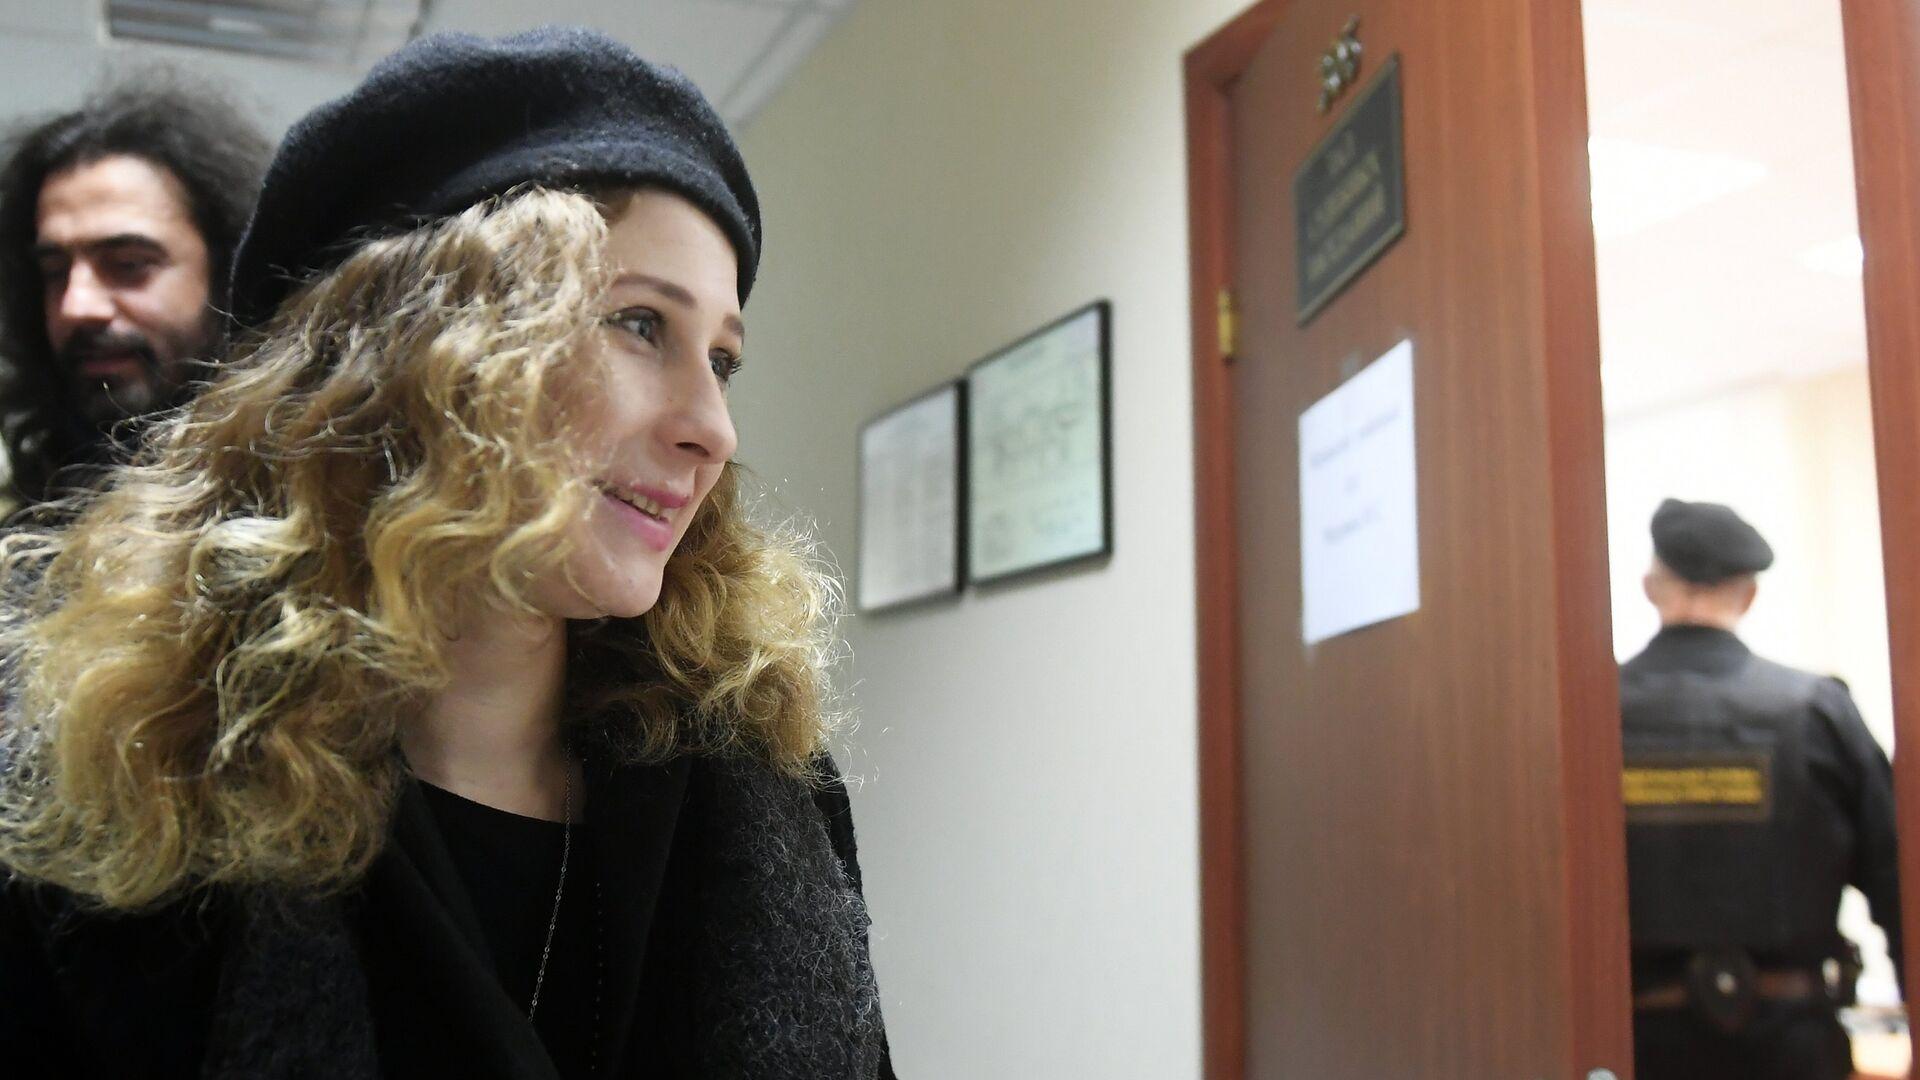 Суд арестовал на 15 суток участницу группы Pussy Riot Штейн